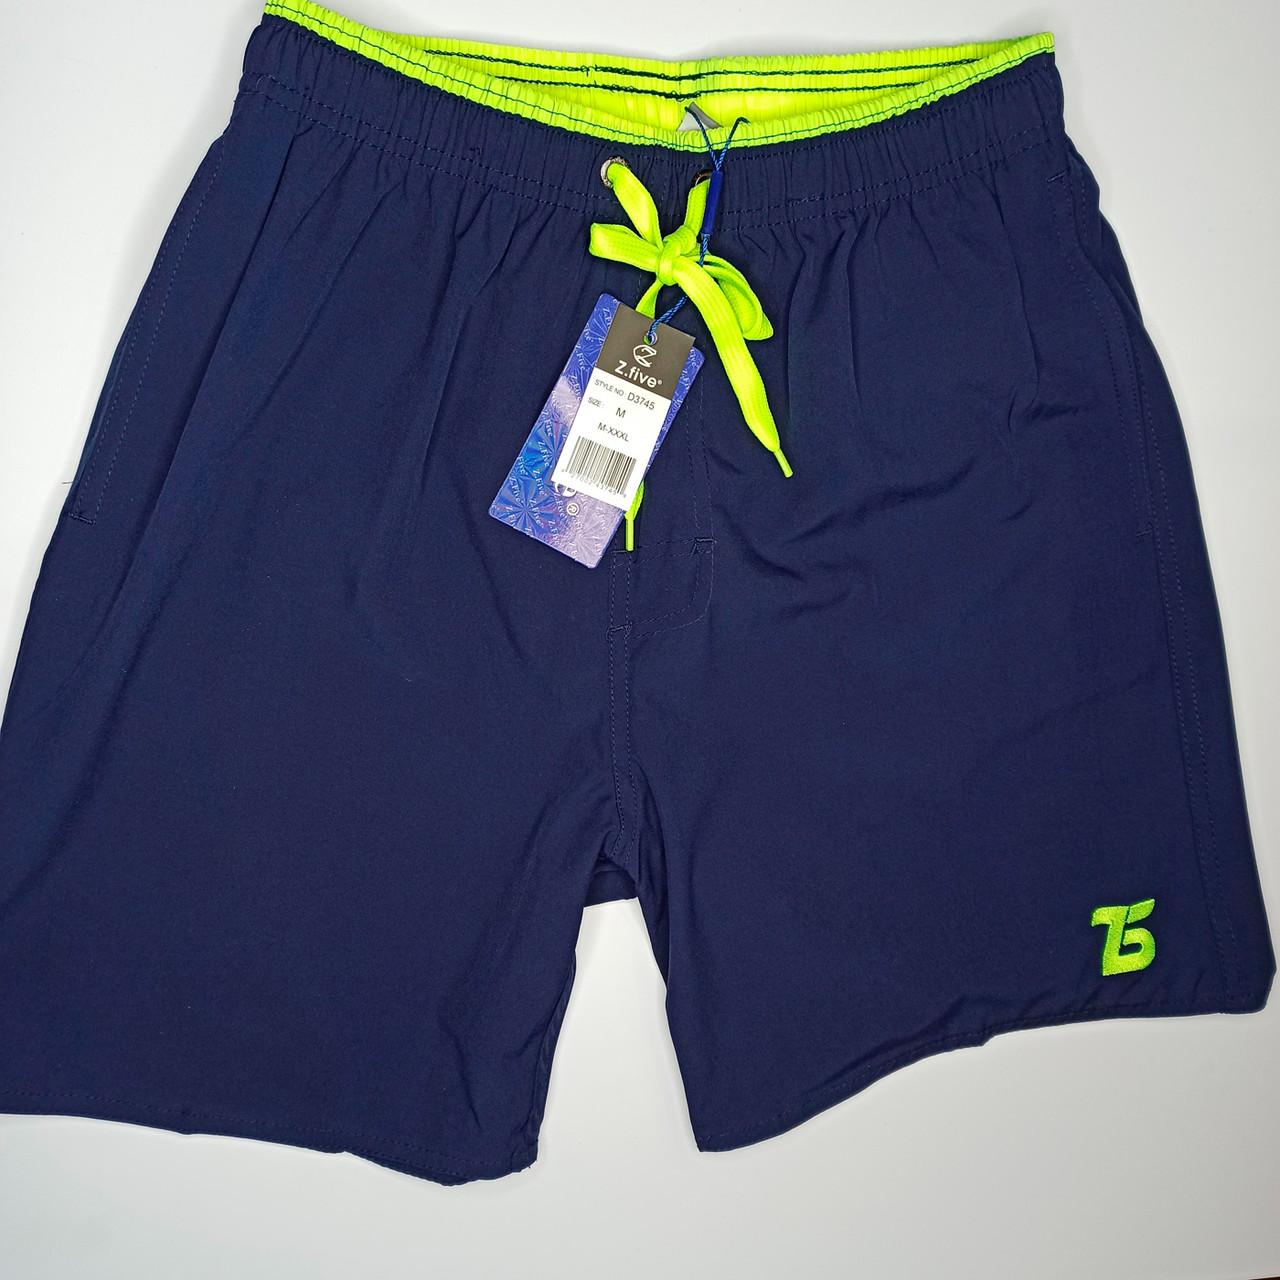 Мужские шорты Z.Five 3745 синие с салатовым 44 46 48 50 52 размер